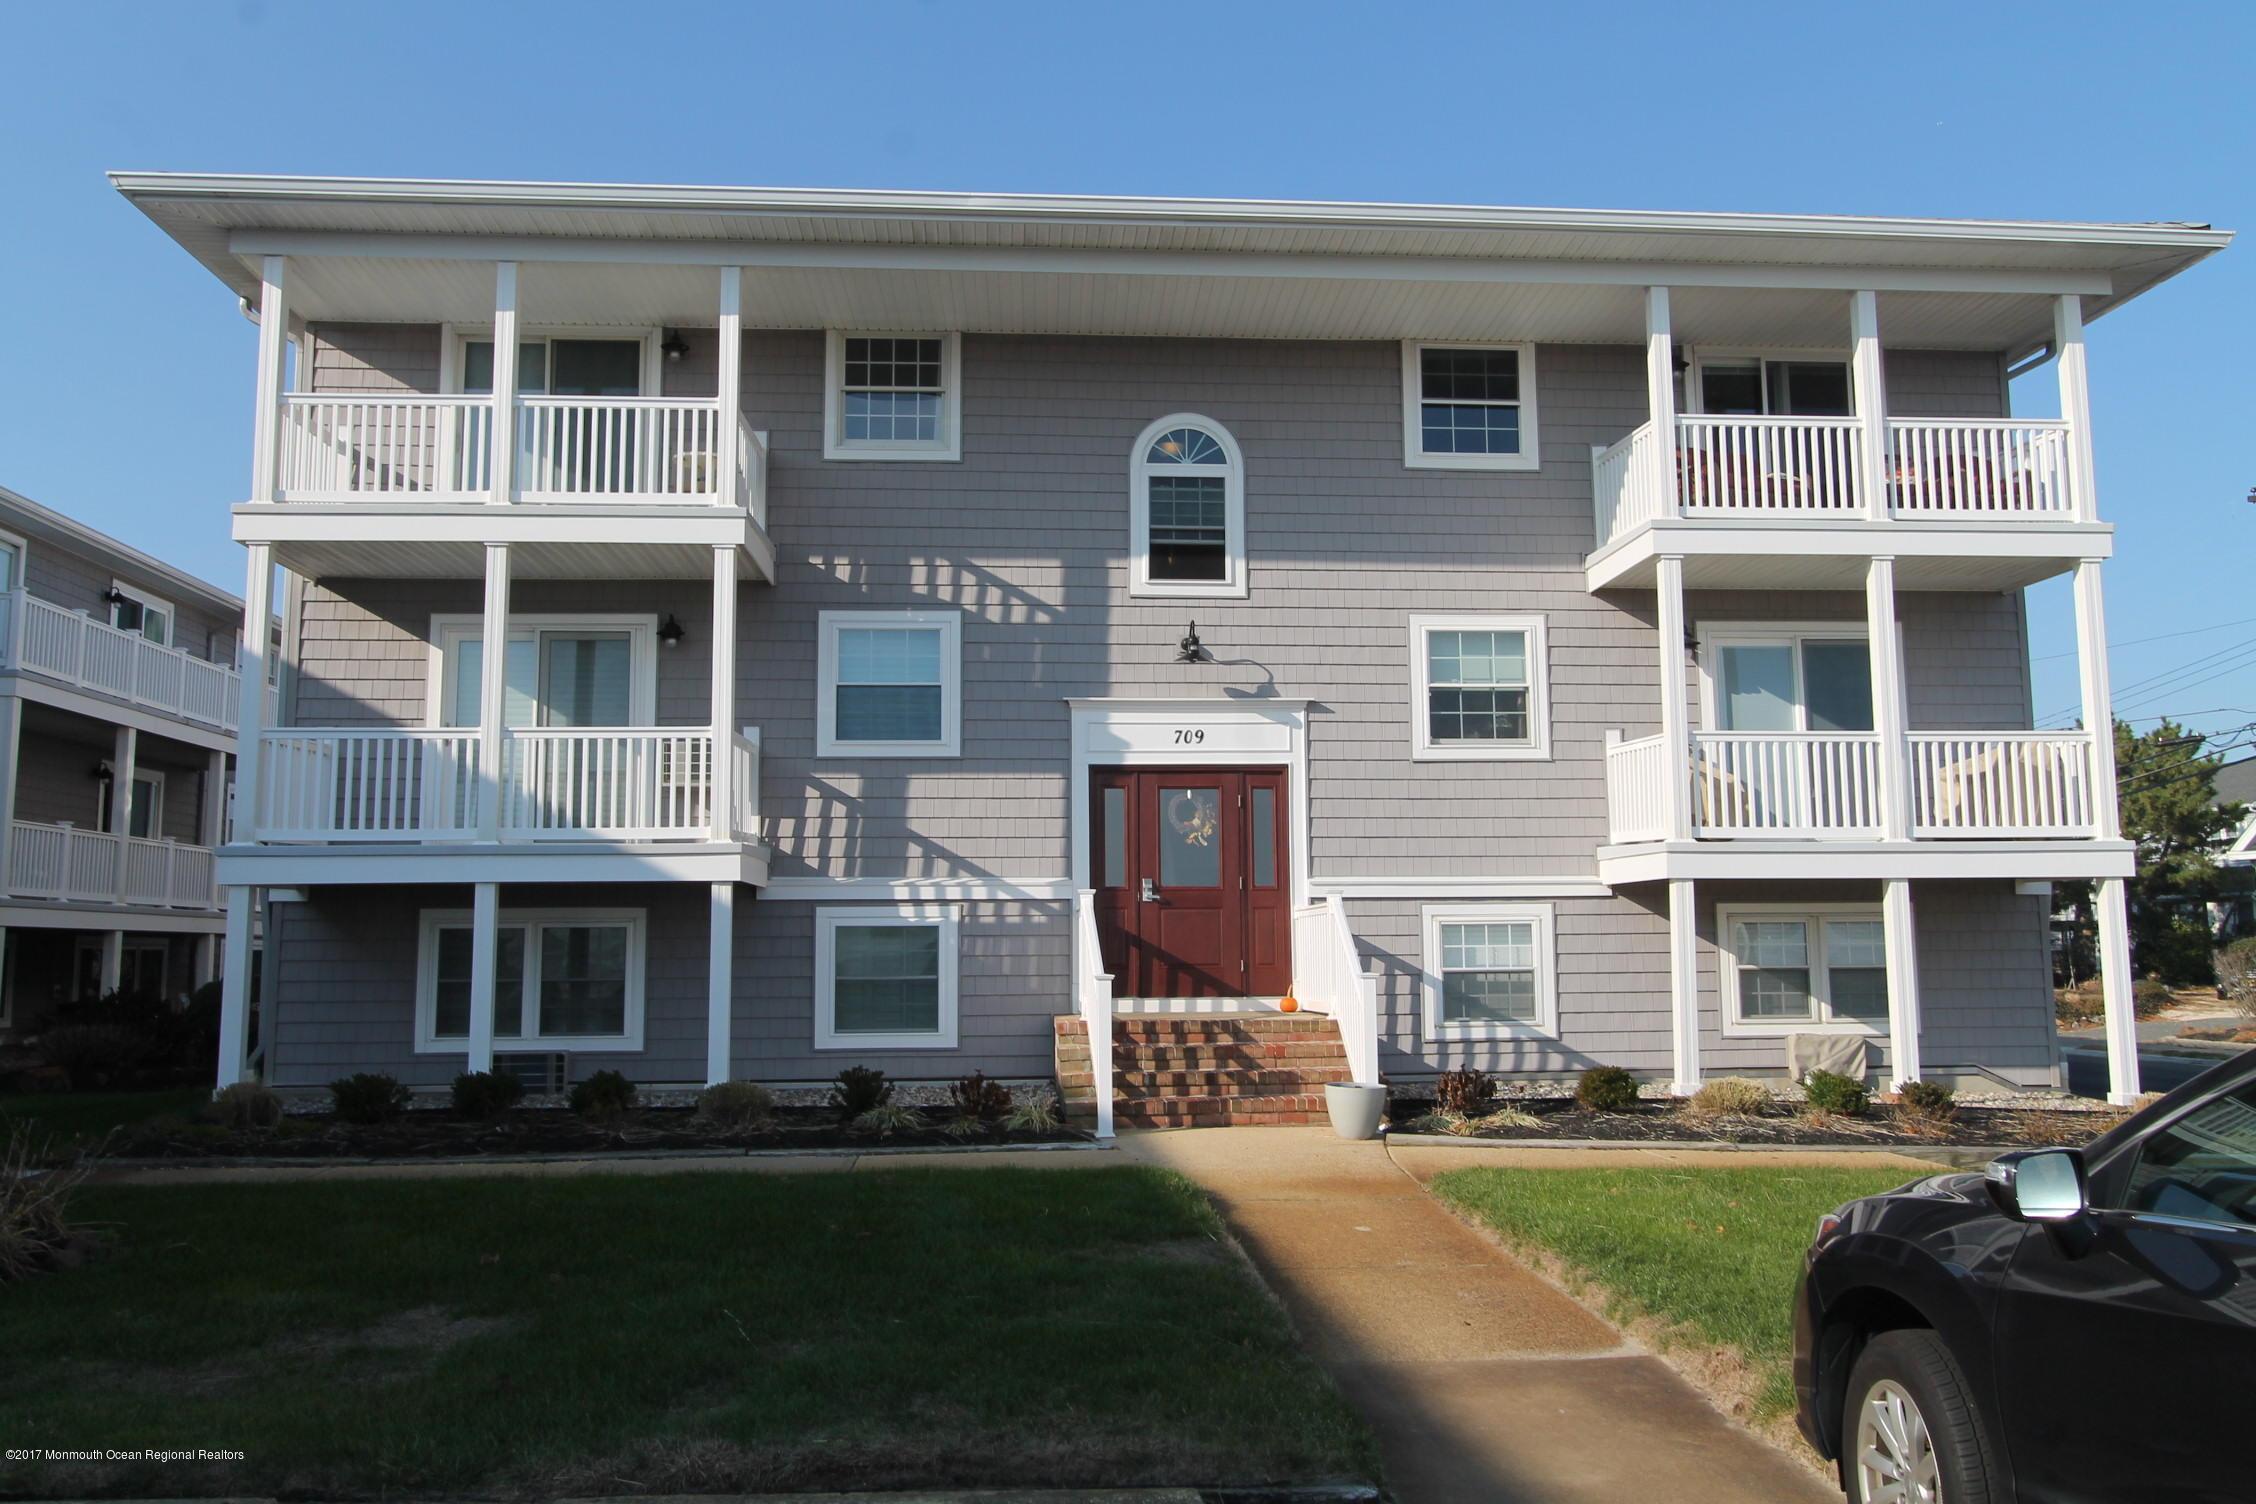 Casa Unifamiliar por un Venta en 709 Ocean Avenue 709 Ocean Avenue Avon, Nueva Jersey 07717 Estados Unidos